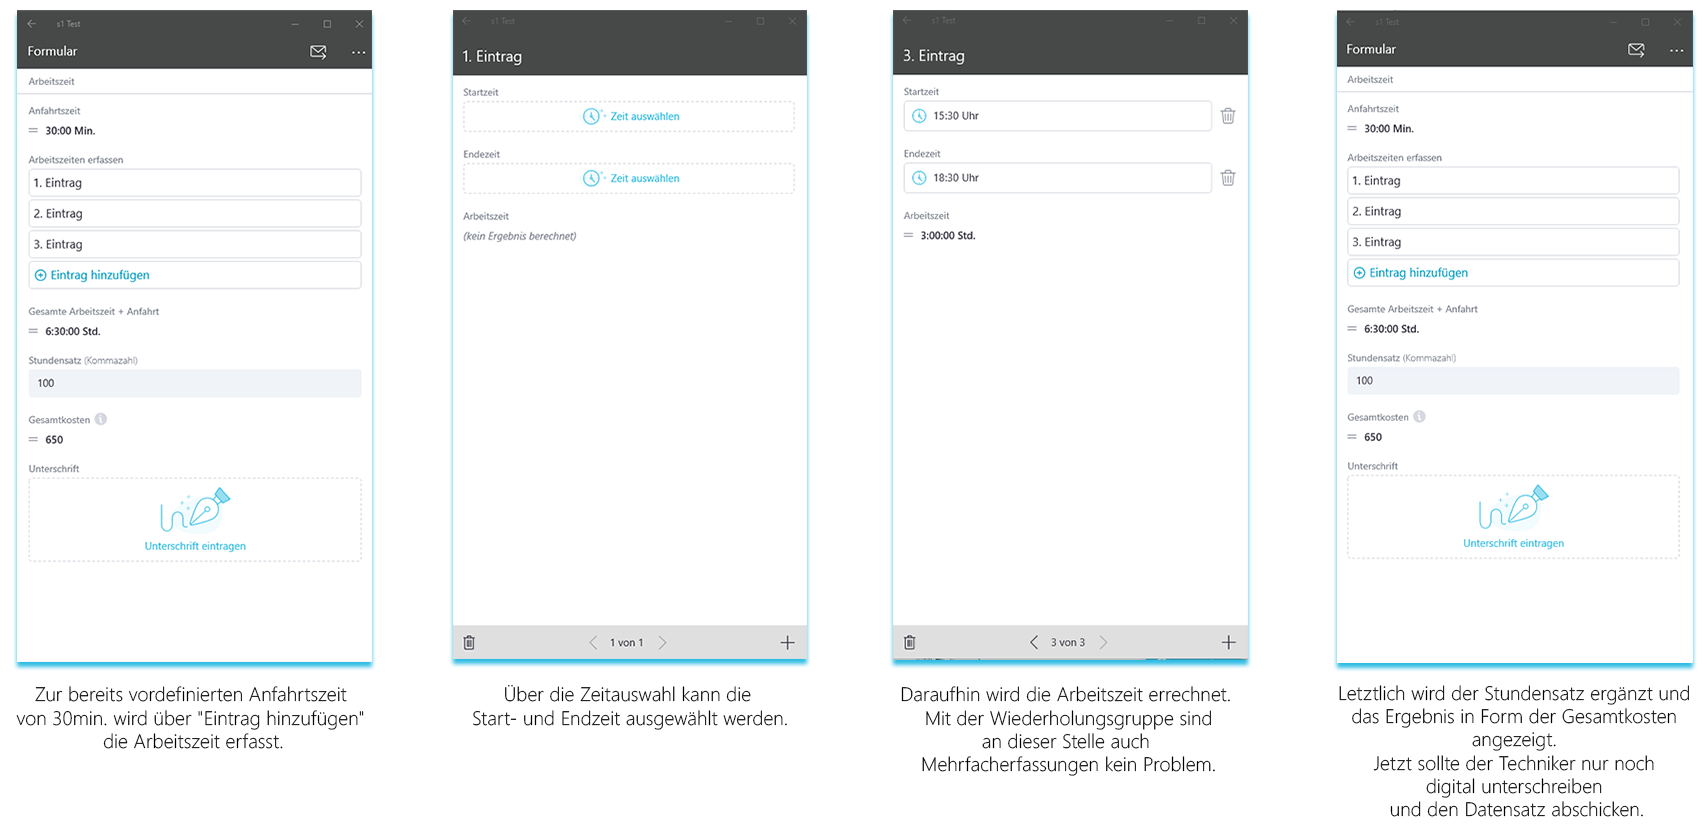 Gesamtübersicht smapOne App